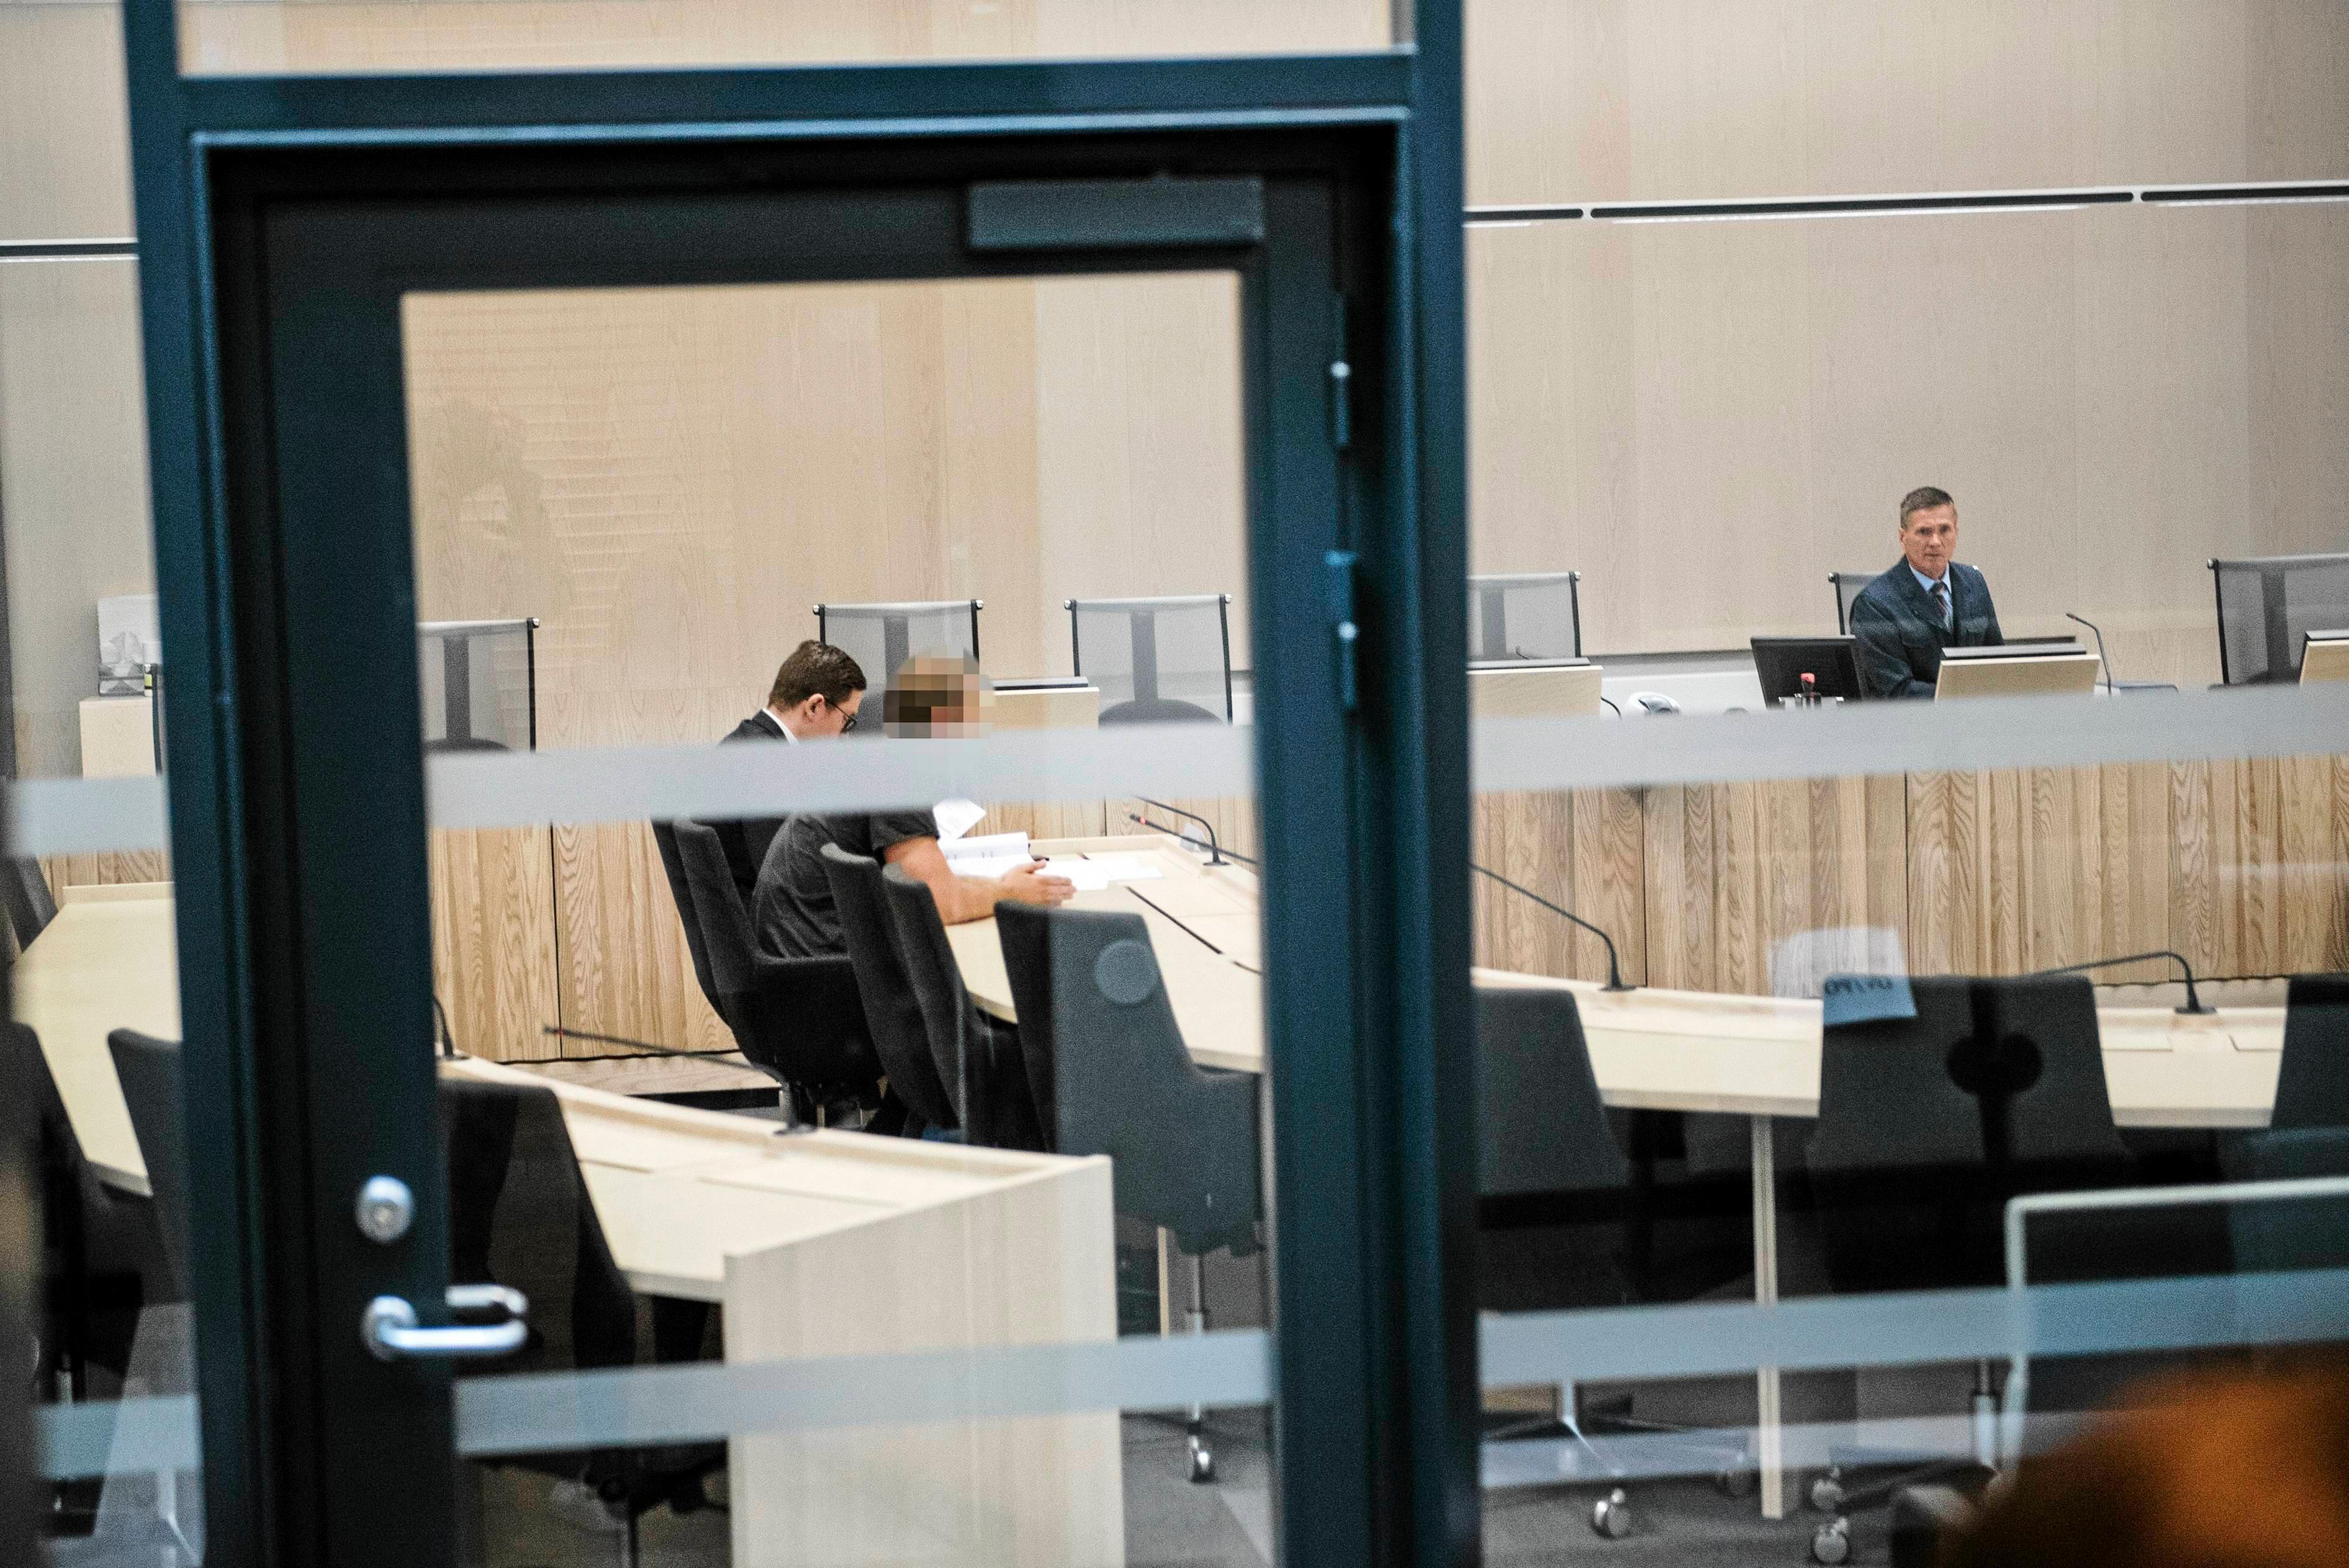 Här är 28-åringen under en häktningsförhandling i Örebro tingsrätt förra året.